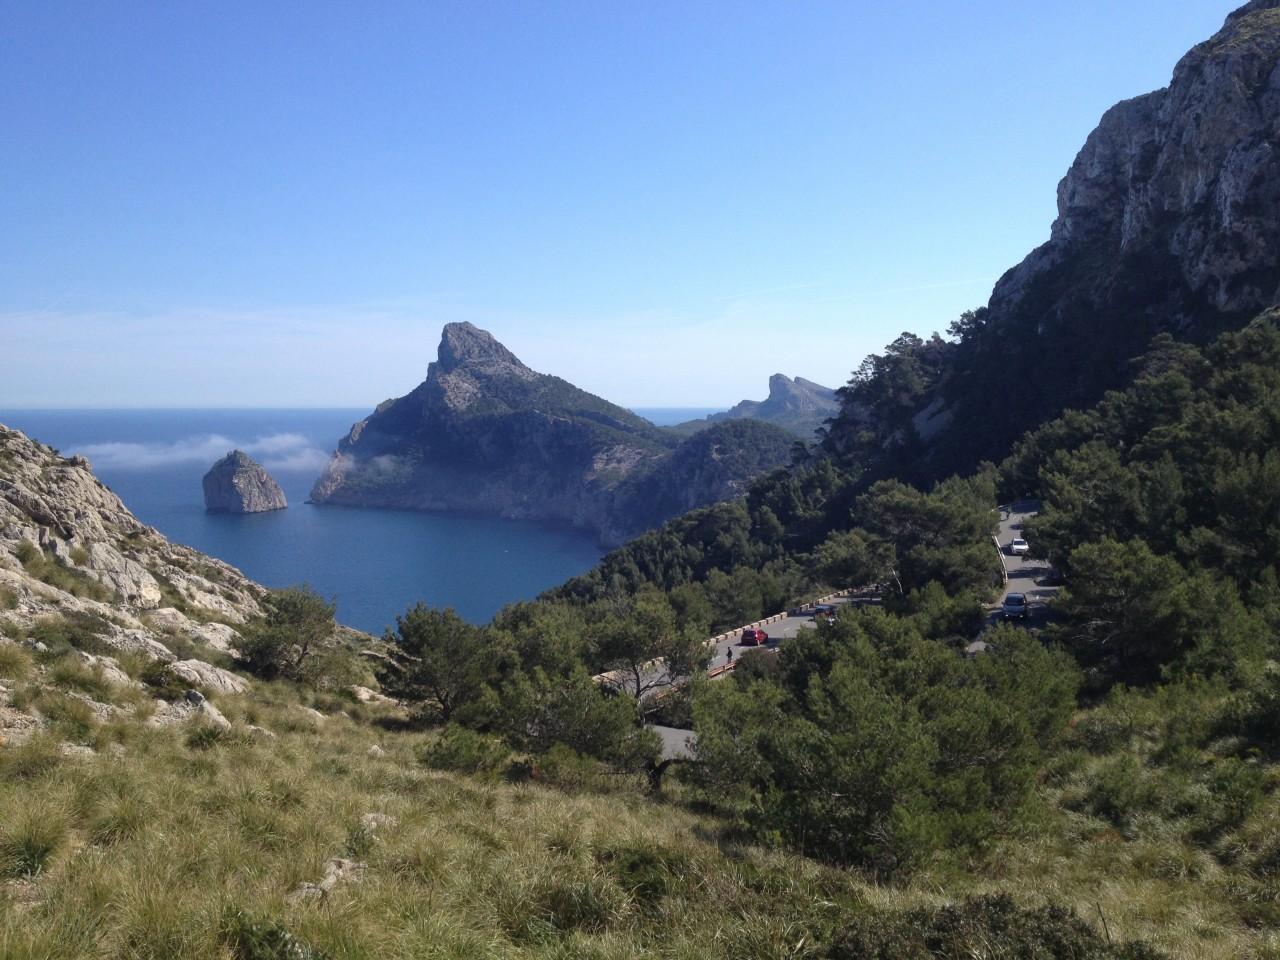 Erste Aussichtsplatform, Blick Richtung Cap Formentor